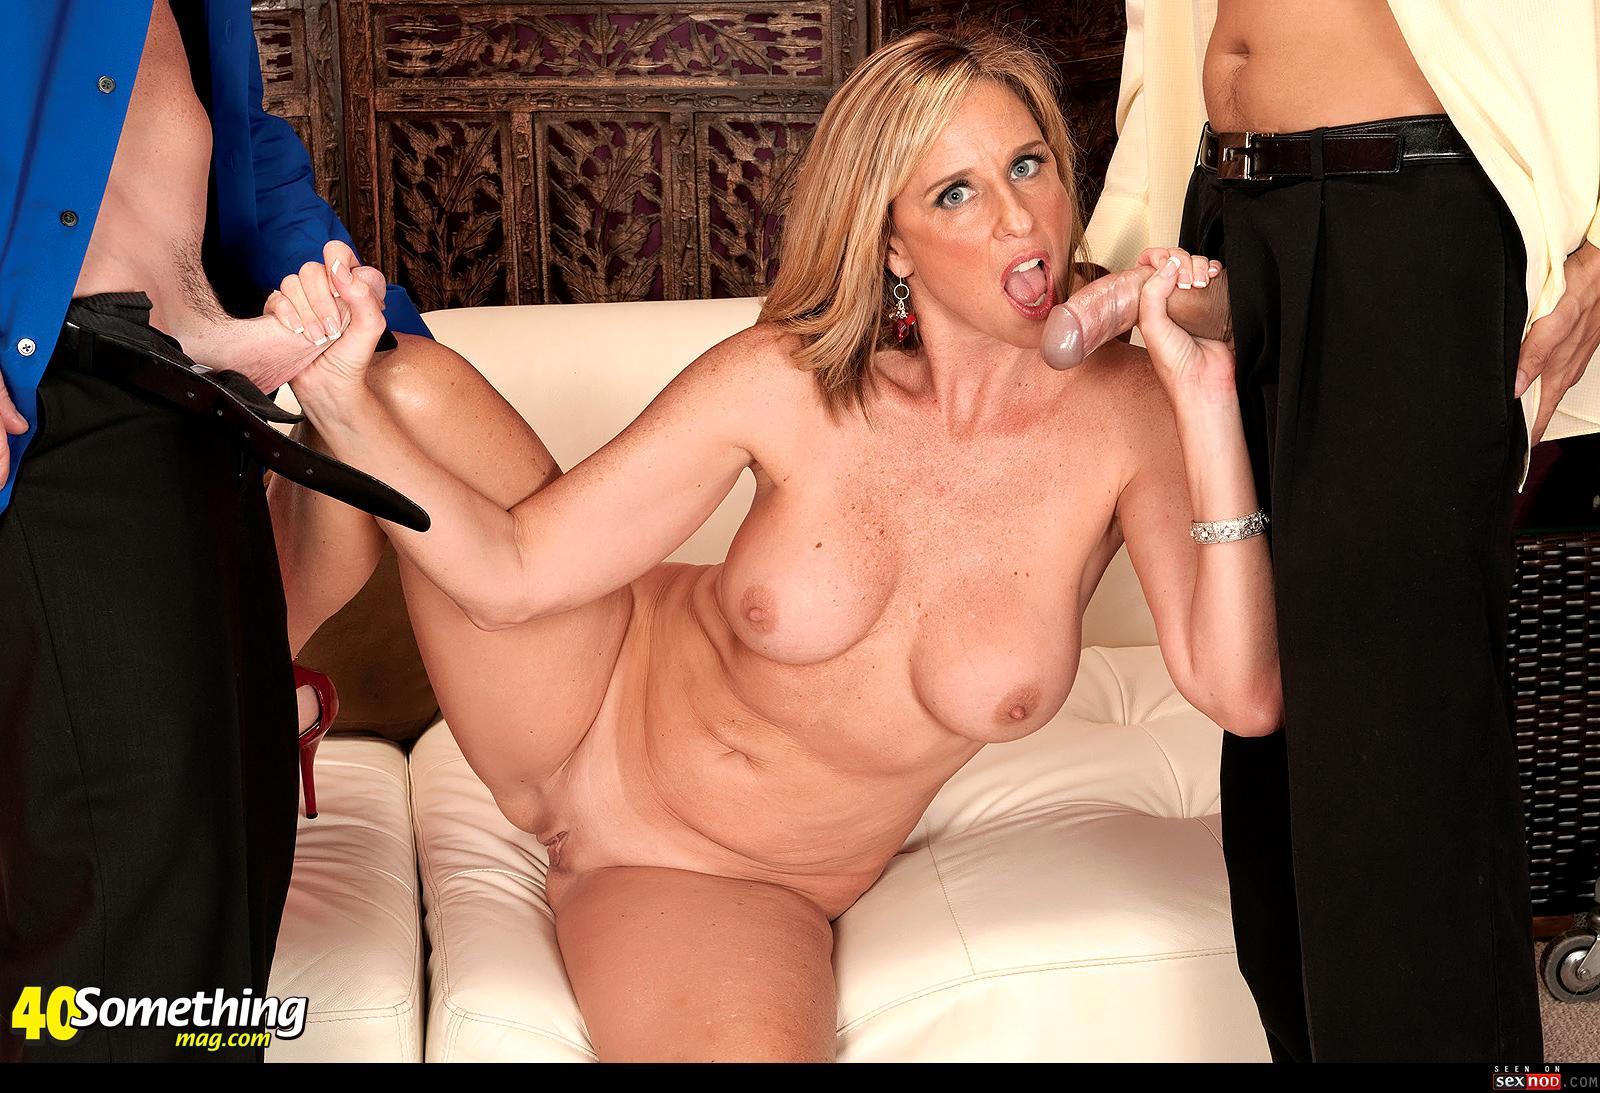 Смотреть порно онлайн бесплатно jodi west 3 фотография